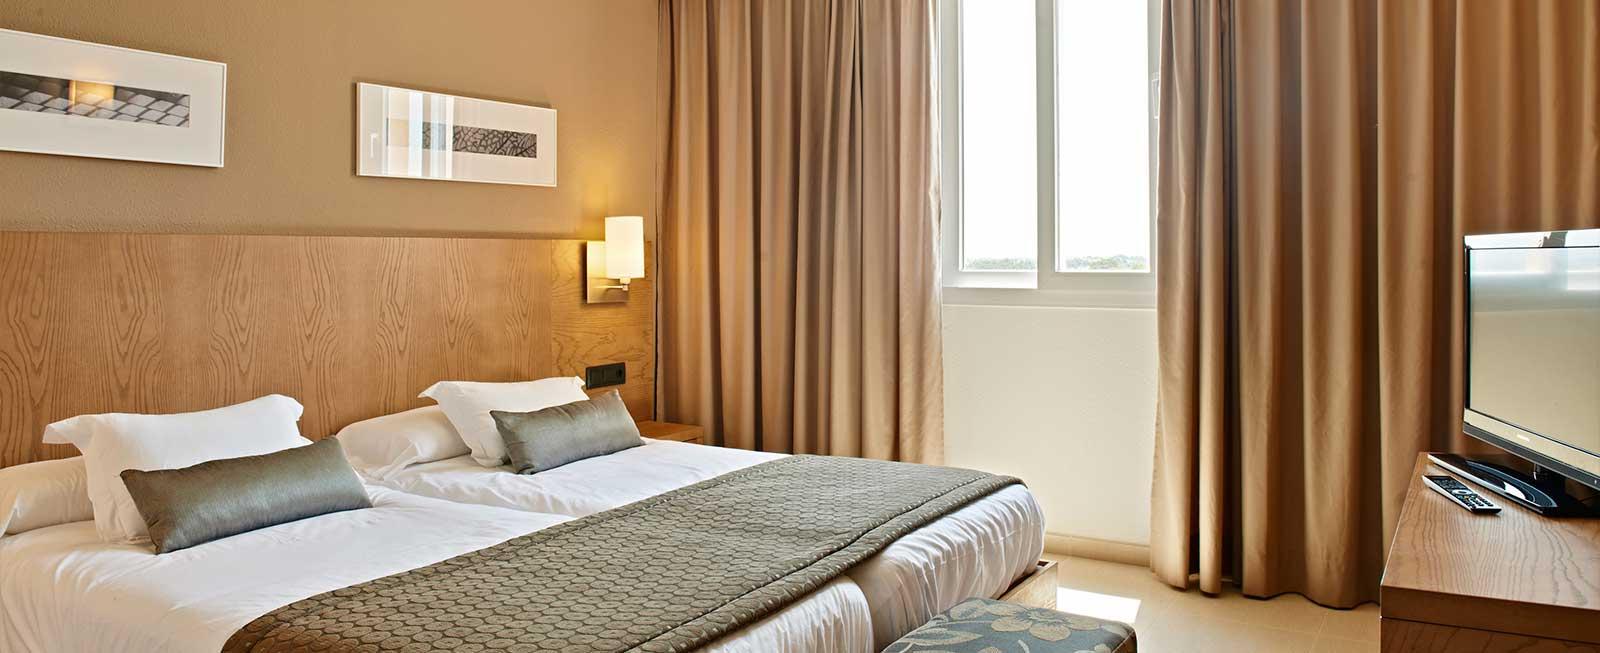 Apartamento Protur Monte Safari Holiday Villaje Majorca